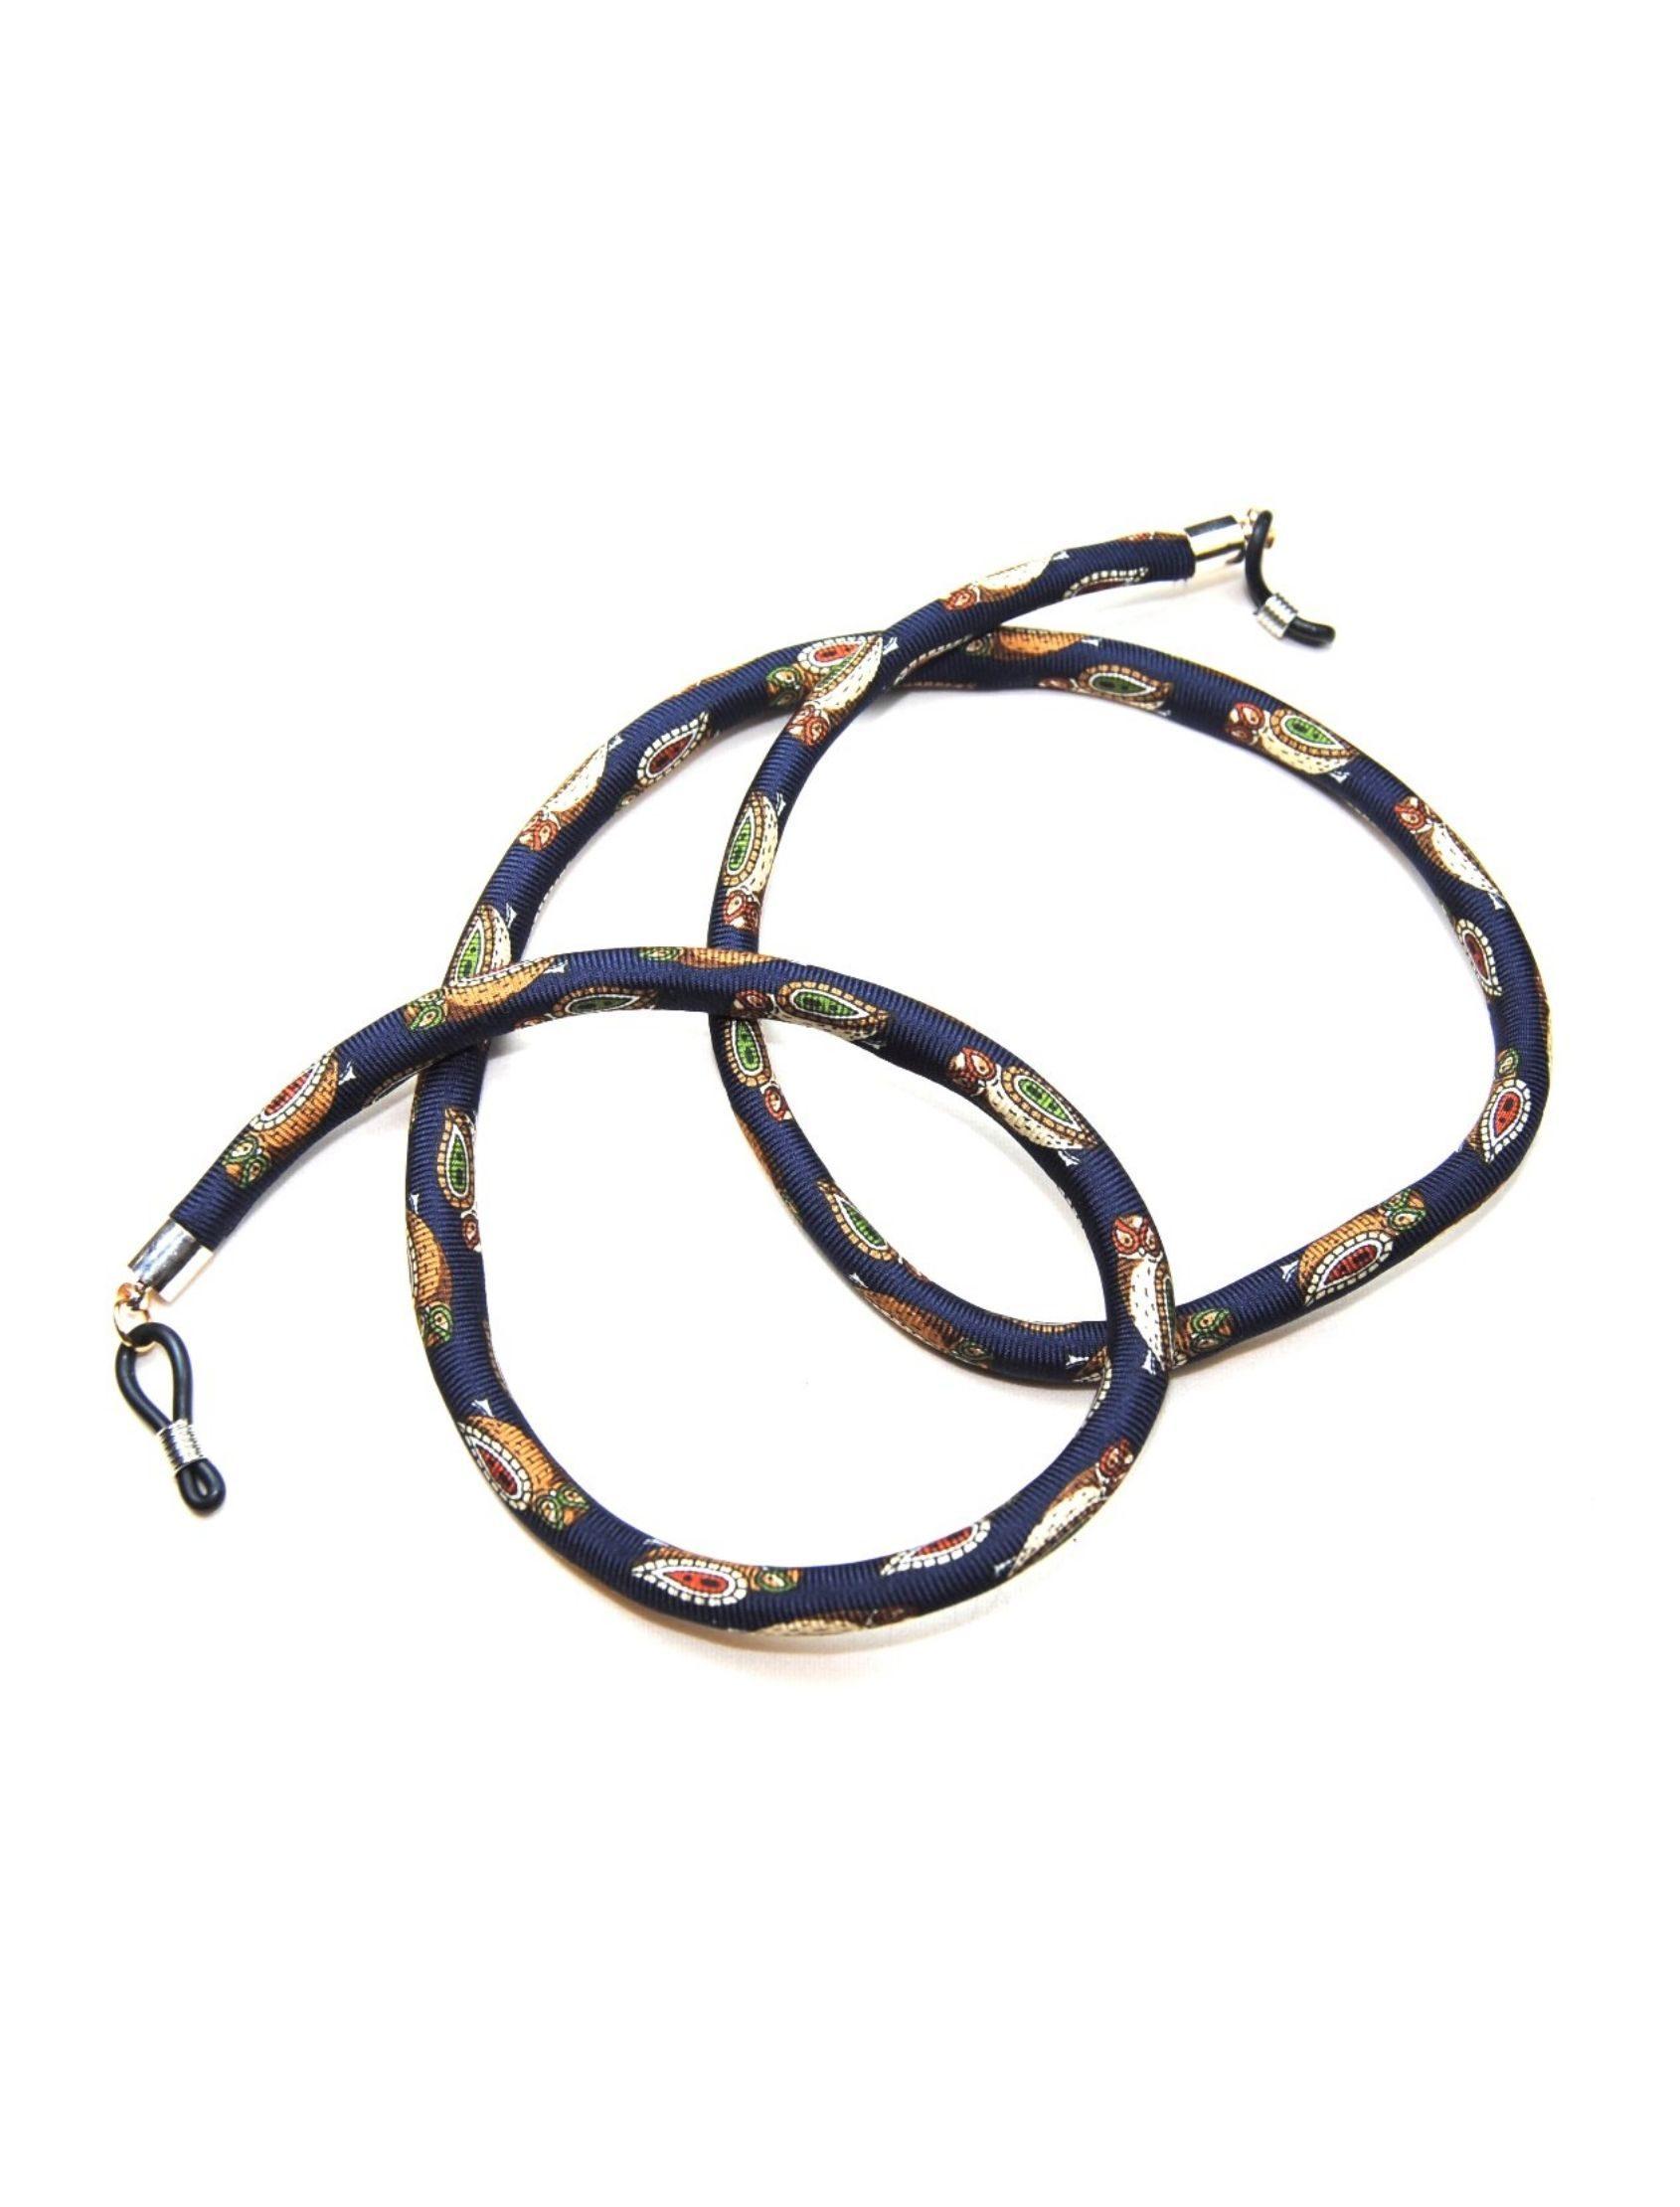 cordón de gafas con estampado de buhos de colroes y fondo azul noche.